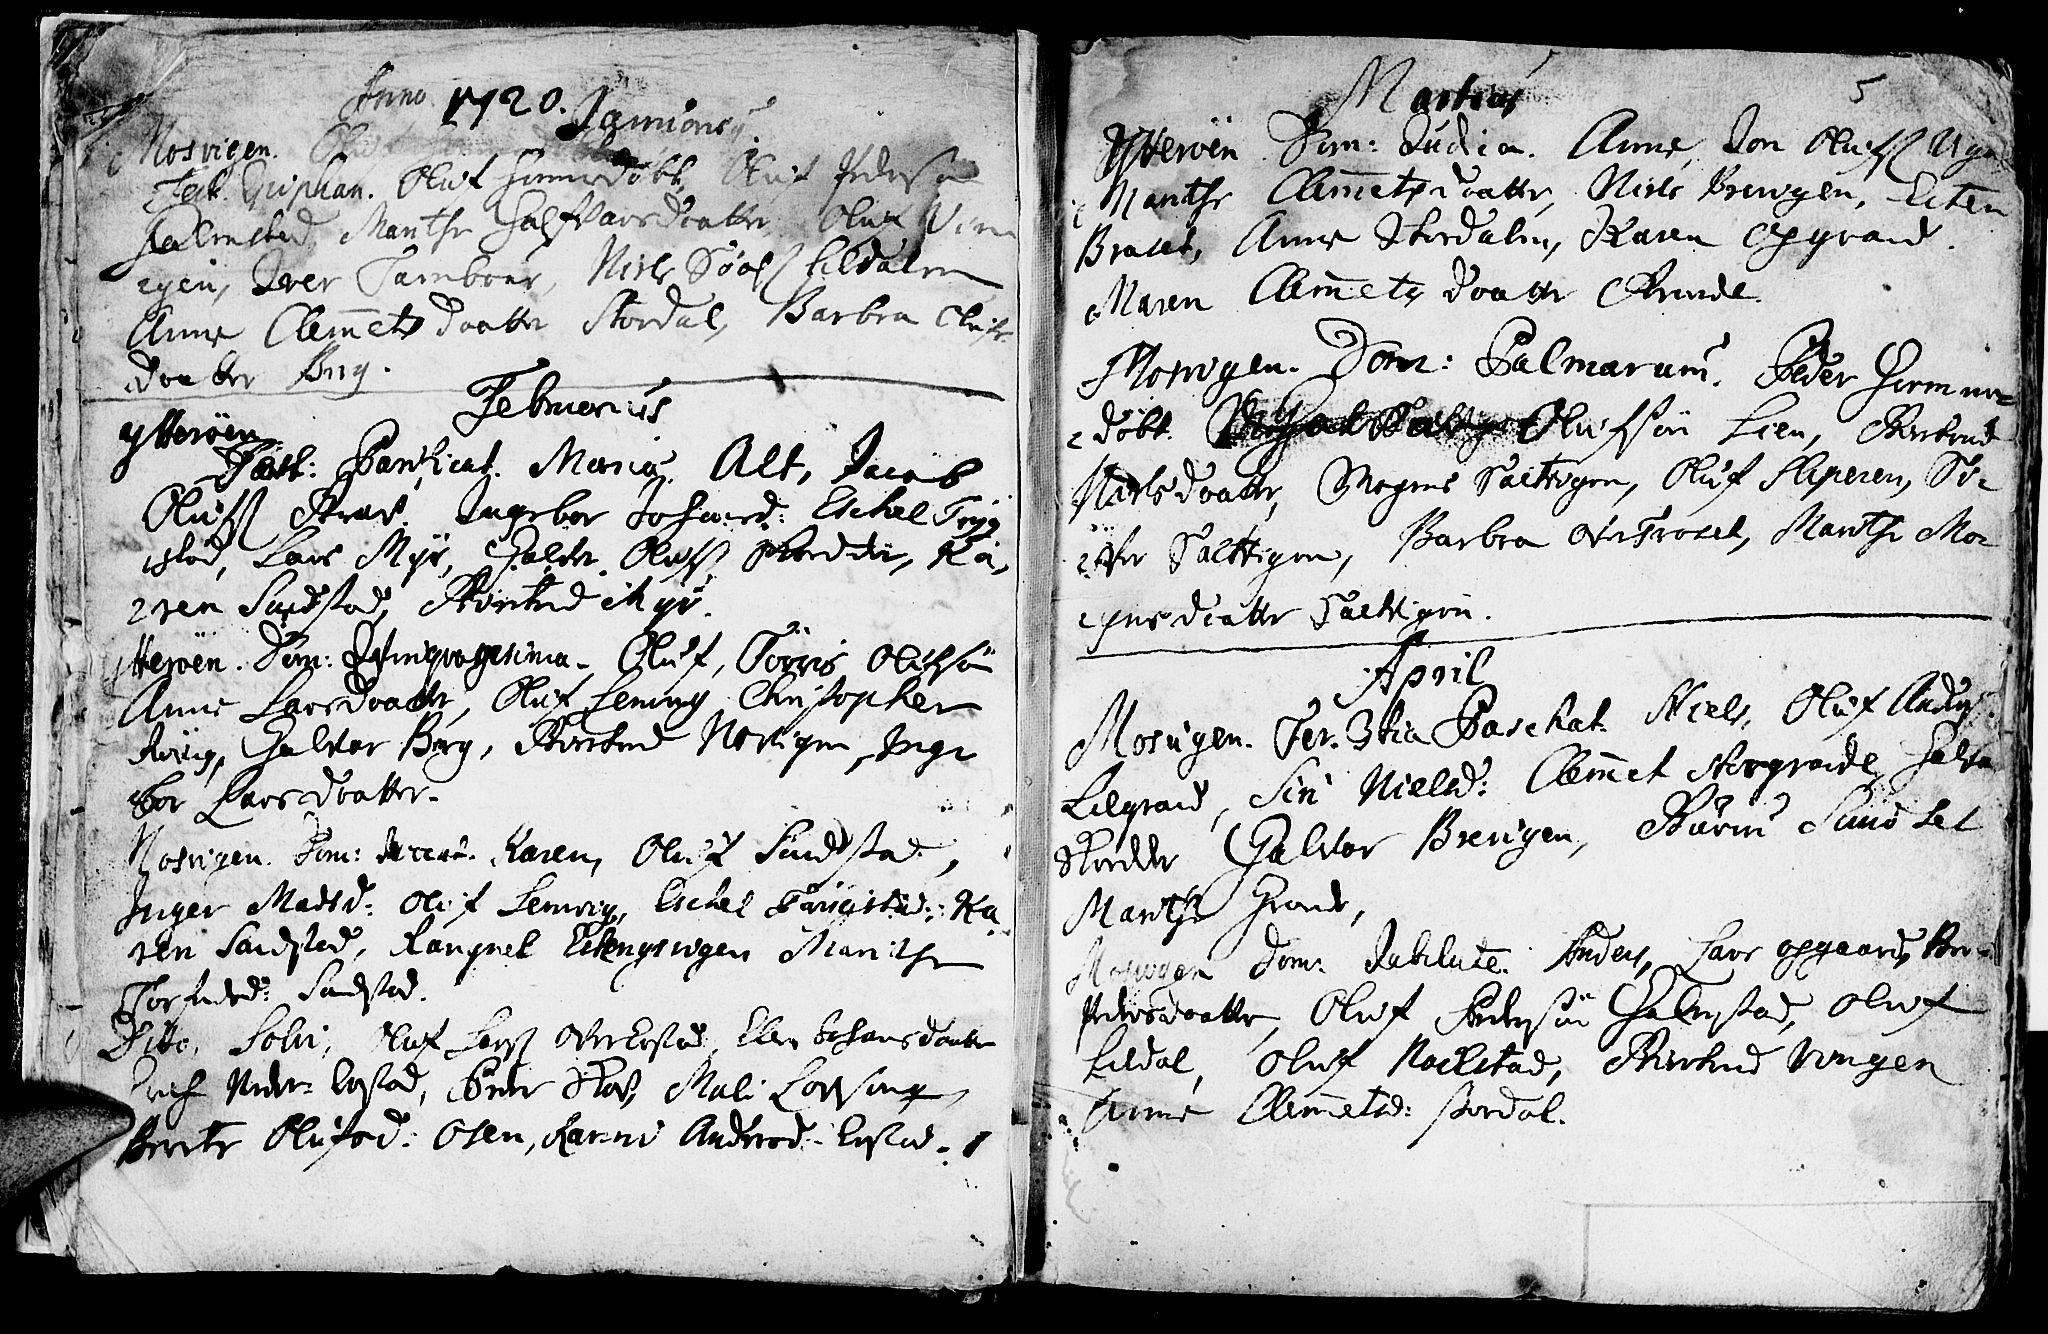 SAT, Ministerialprotokoller, klokkerbøker og fødselsregistre - Nord-Trøndelag, 722/L0215: Ministerialbok nr. 722A02, 1718-1755, s. 5